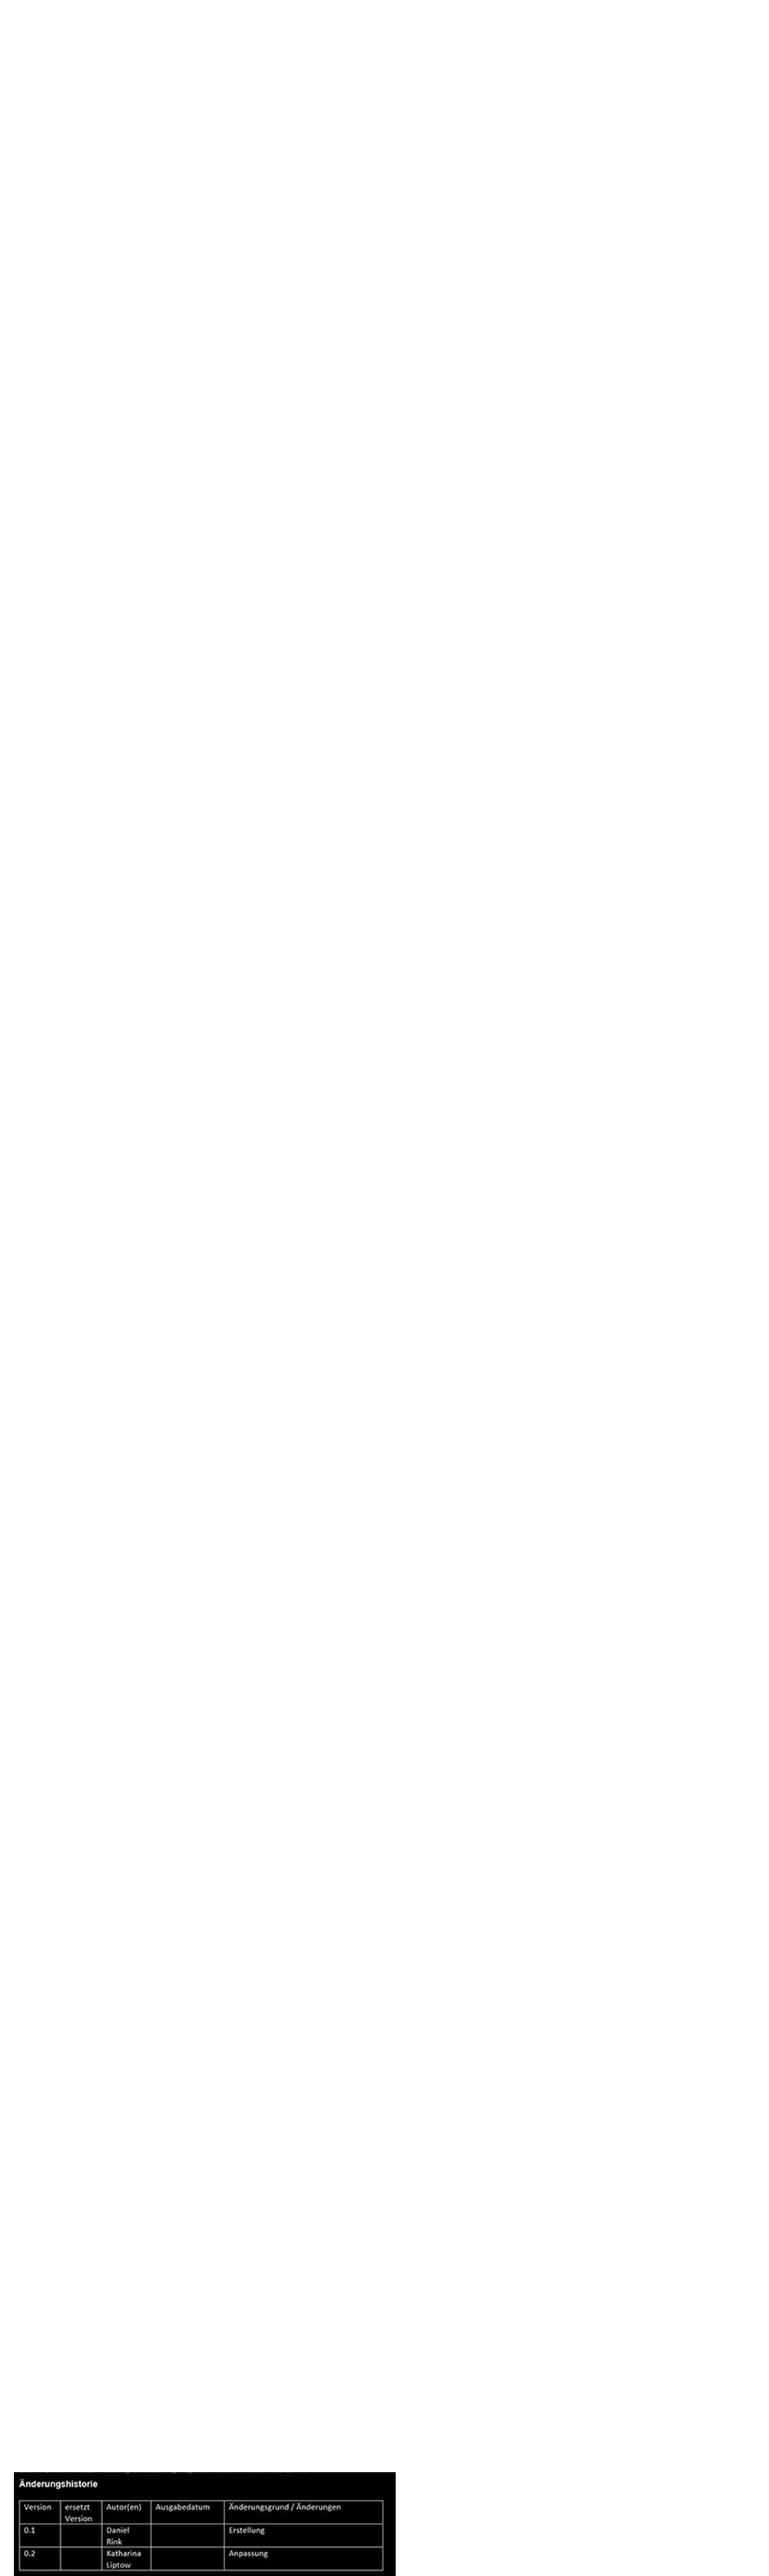 Datenschutz ohne Amazone black